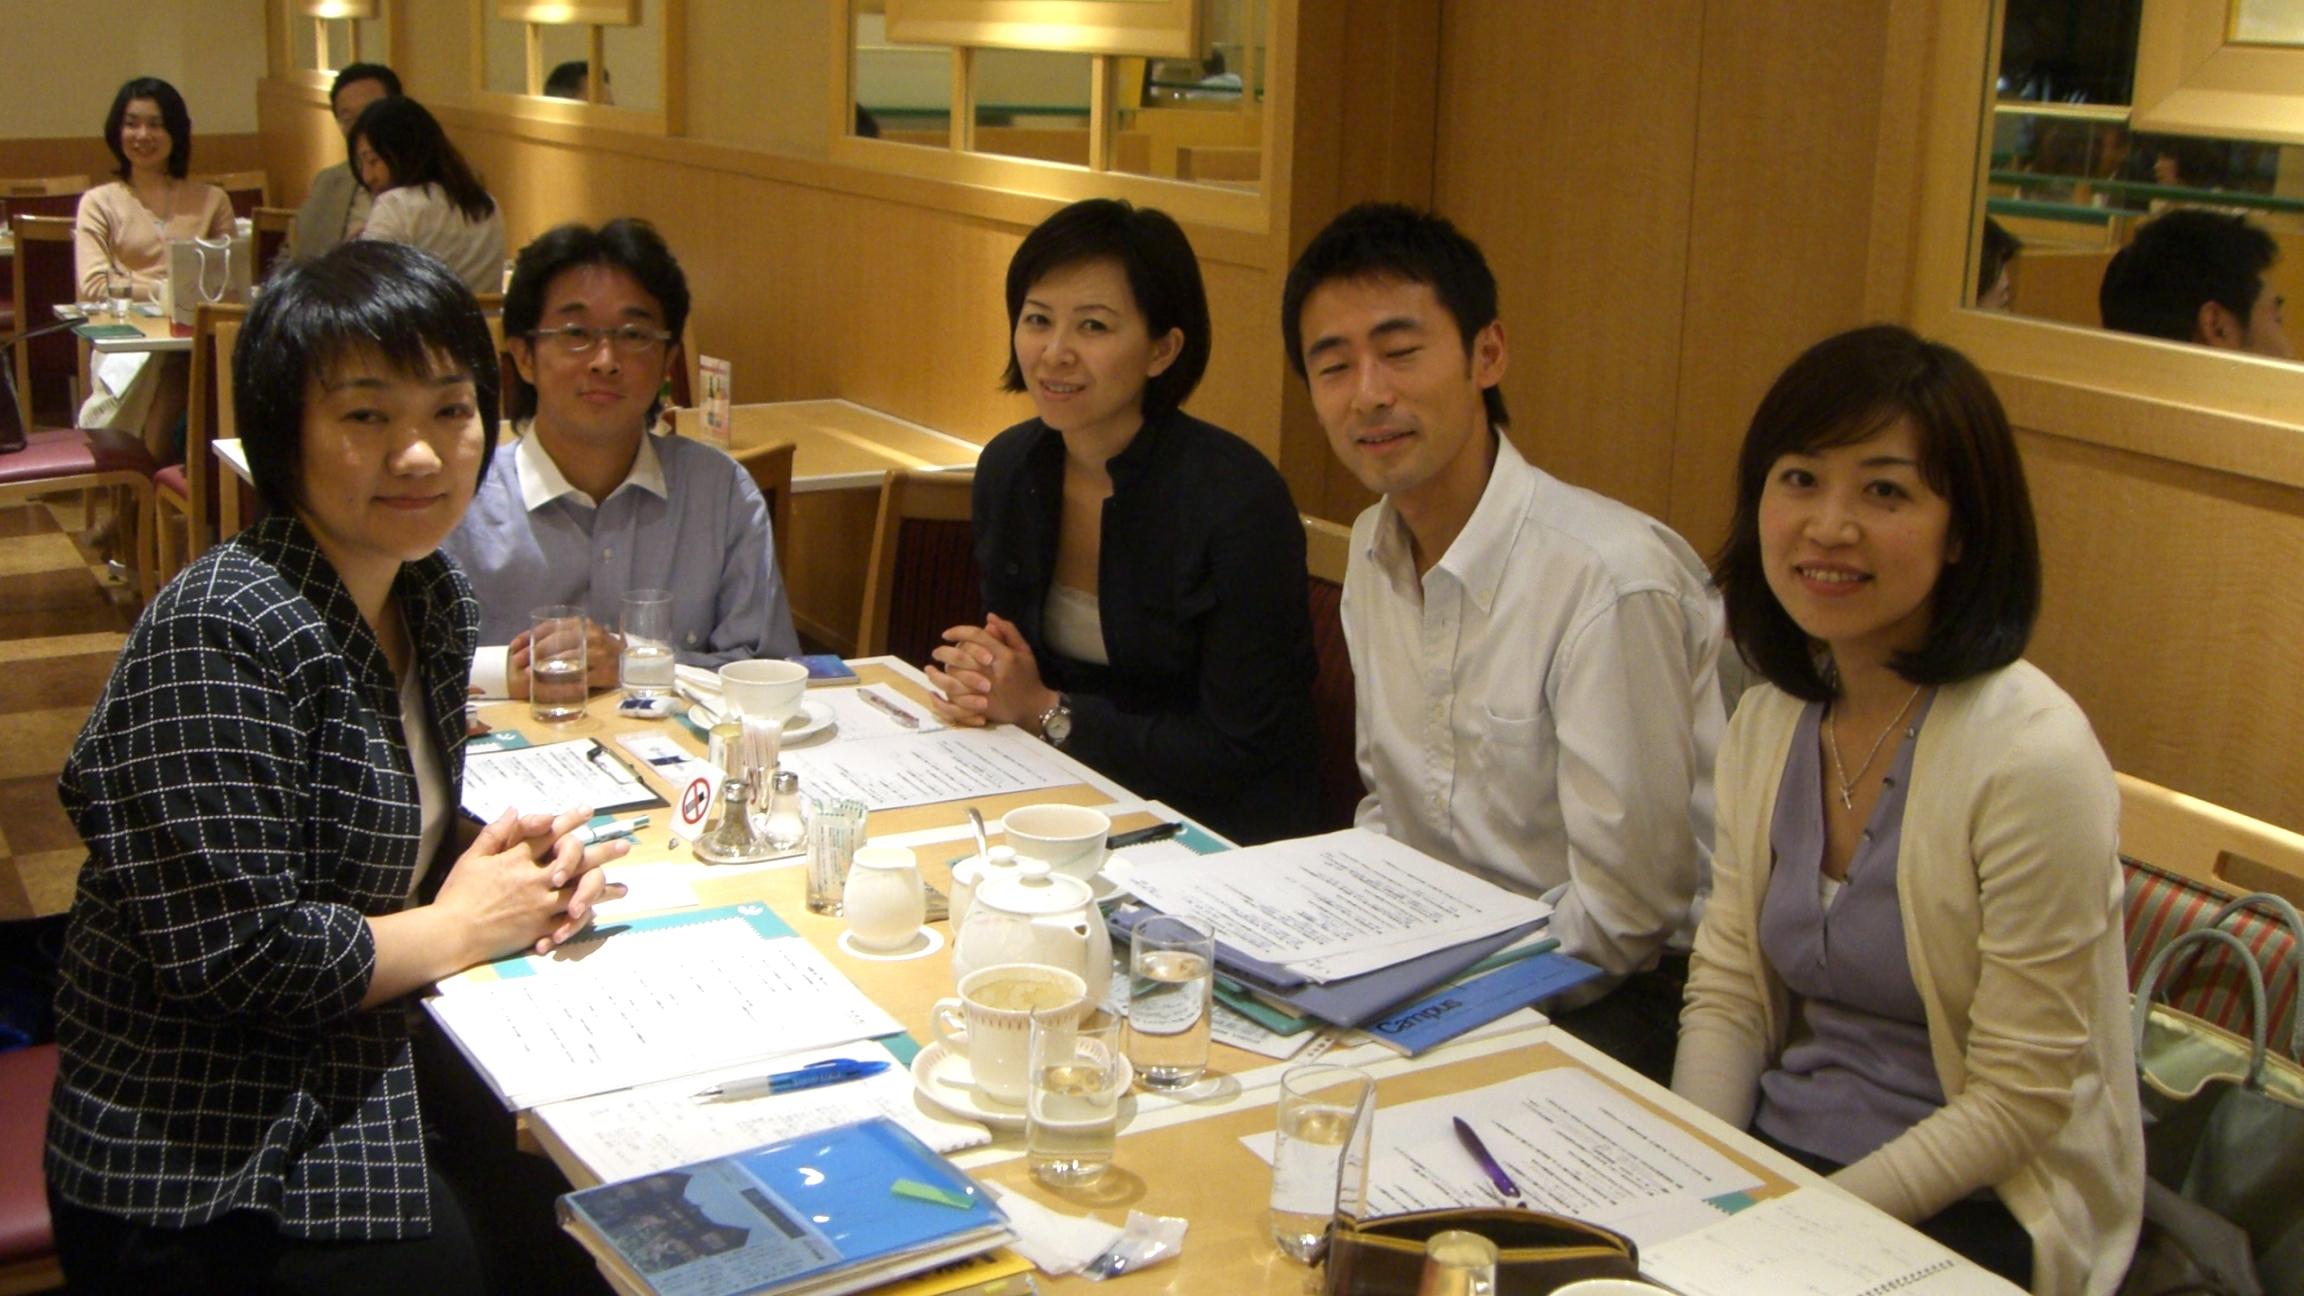 新企画「プレ起業の会」を開催!